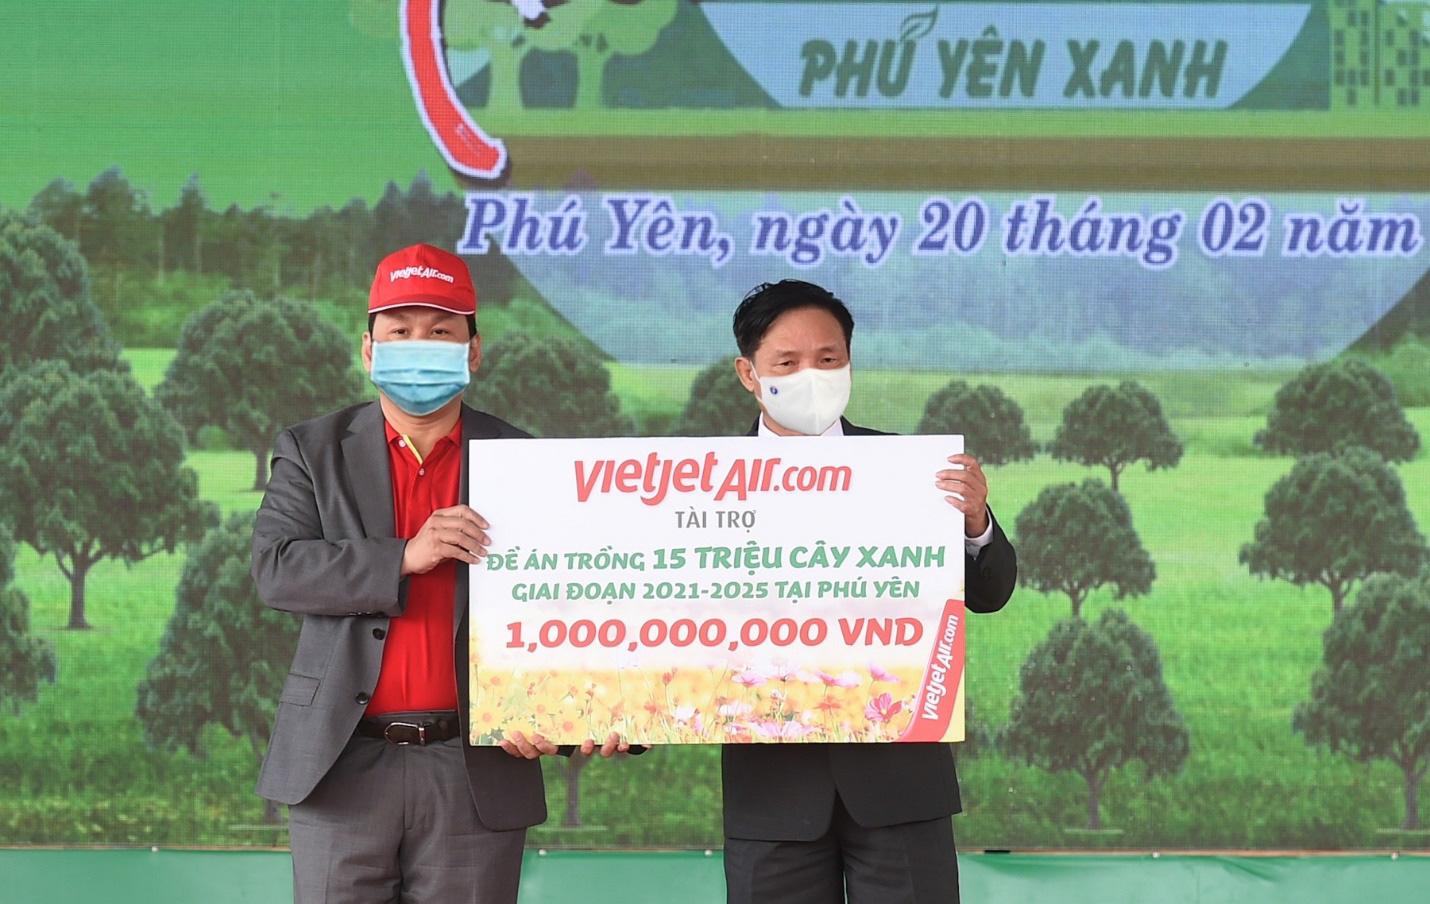 Vietjet hưởng ứng lời kêu gọi trồng cây vì một Việt Nam xanh - Ảnh 1.